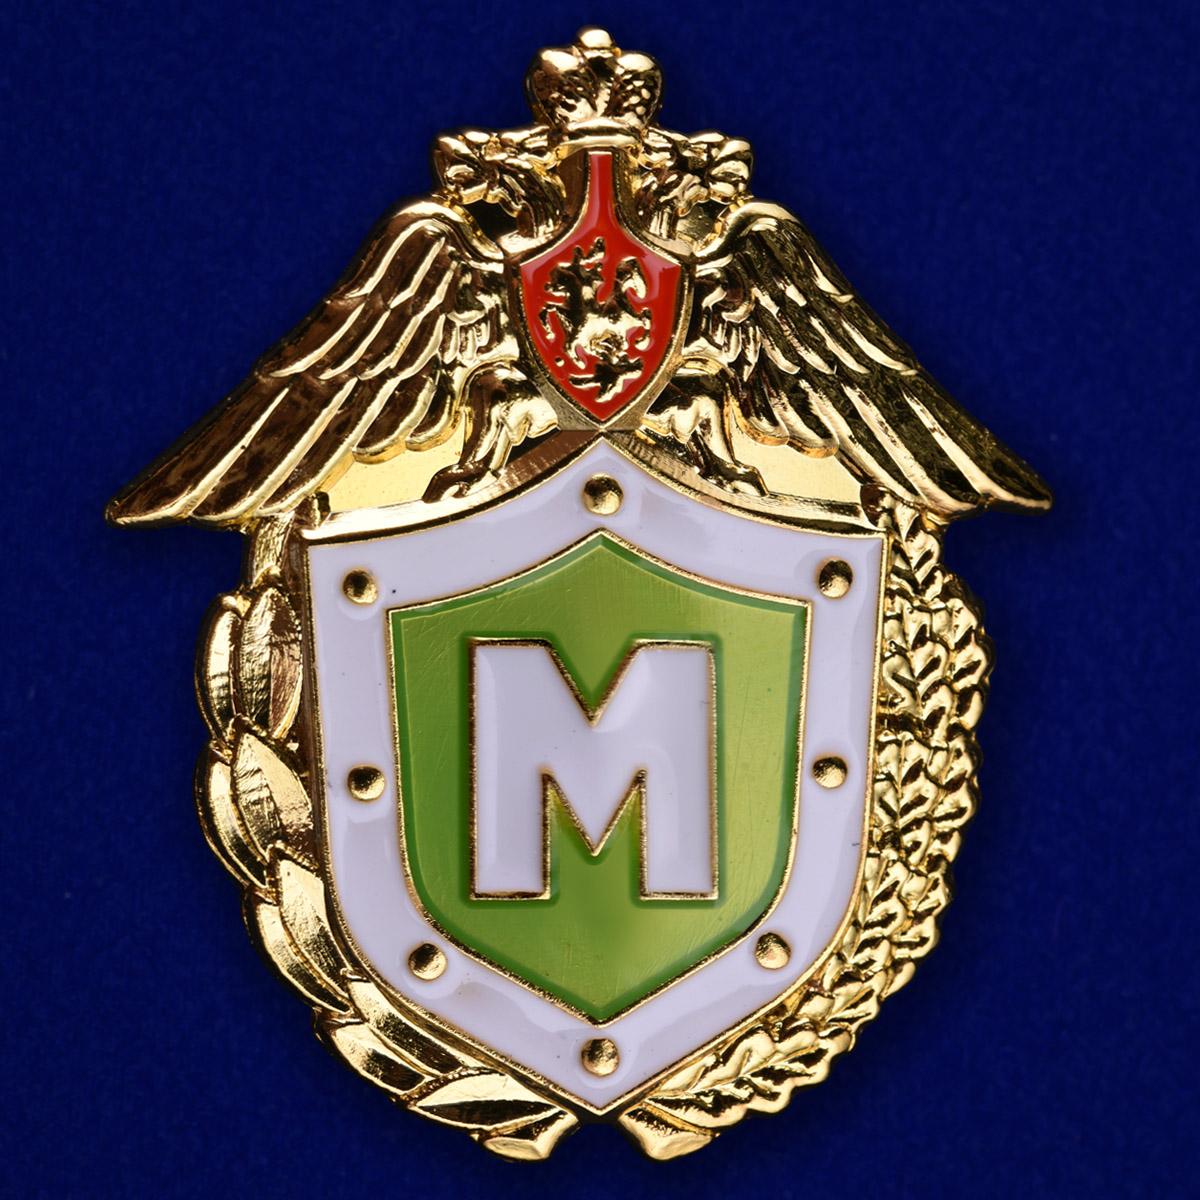 Знак ФПС РФ Классный специалист мастер в бархатном футляре - Аверс